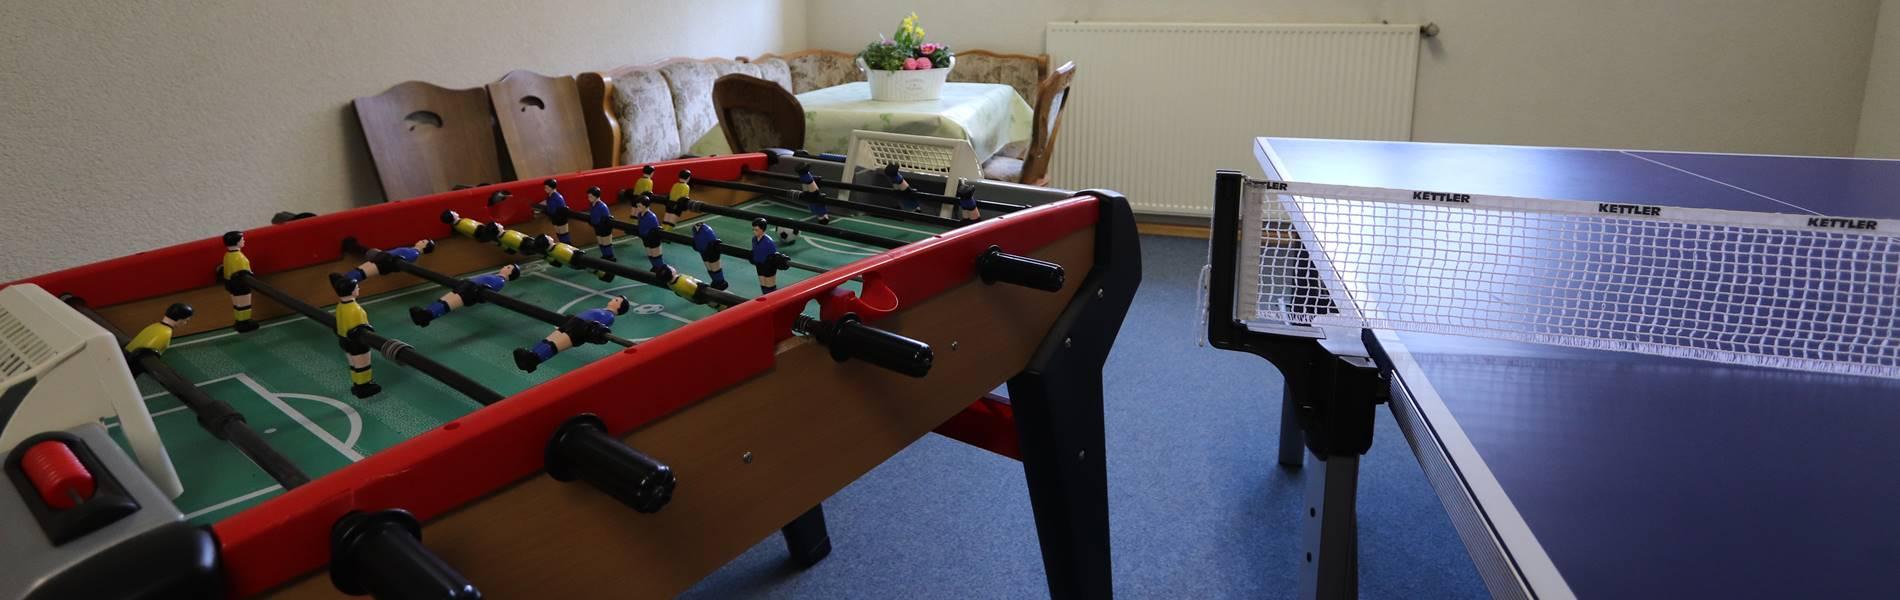 Freizeitraum mit Tischkicker und Tischtennisplatte Pension Schneider